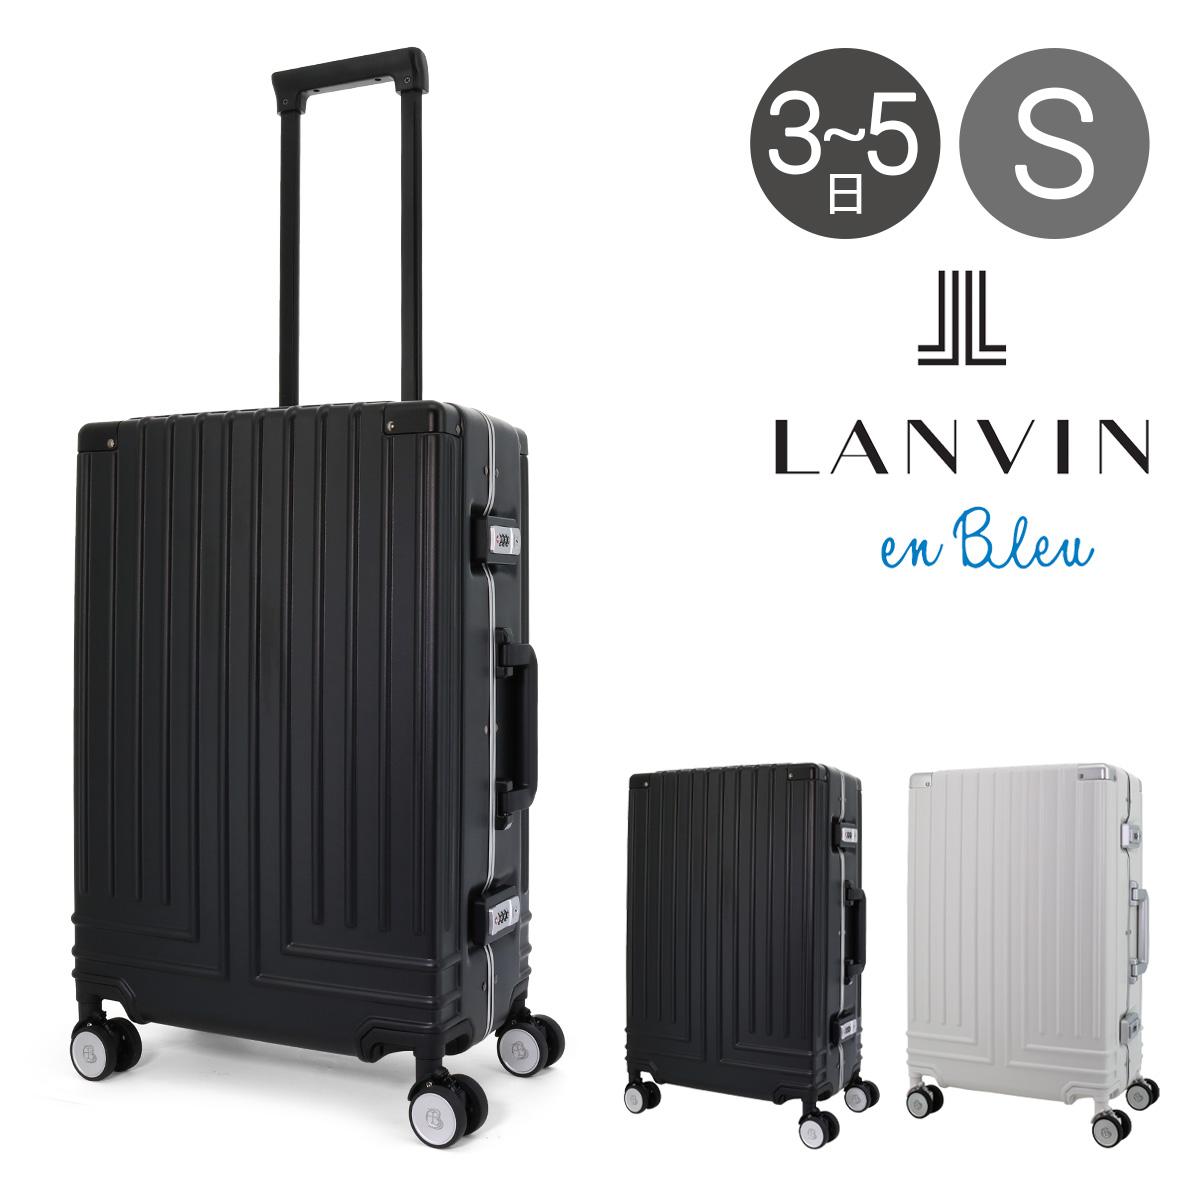 ランバンオンブルー 595312|軽量 スーツケース ハード ヴィラージュ|42L 56cm 3.9kg 595312|軽量 3.9kg ハード フレーム|TSAロック搭載 おしゃれ ビジネス [bef][即日発送], ECOクリーン生活倶楽部:4a6a8284 --- sunward.msk.ru